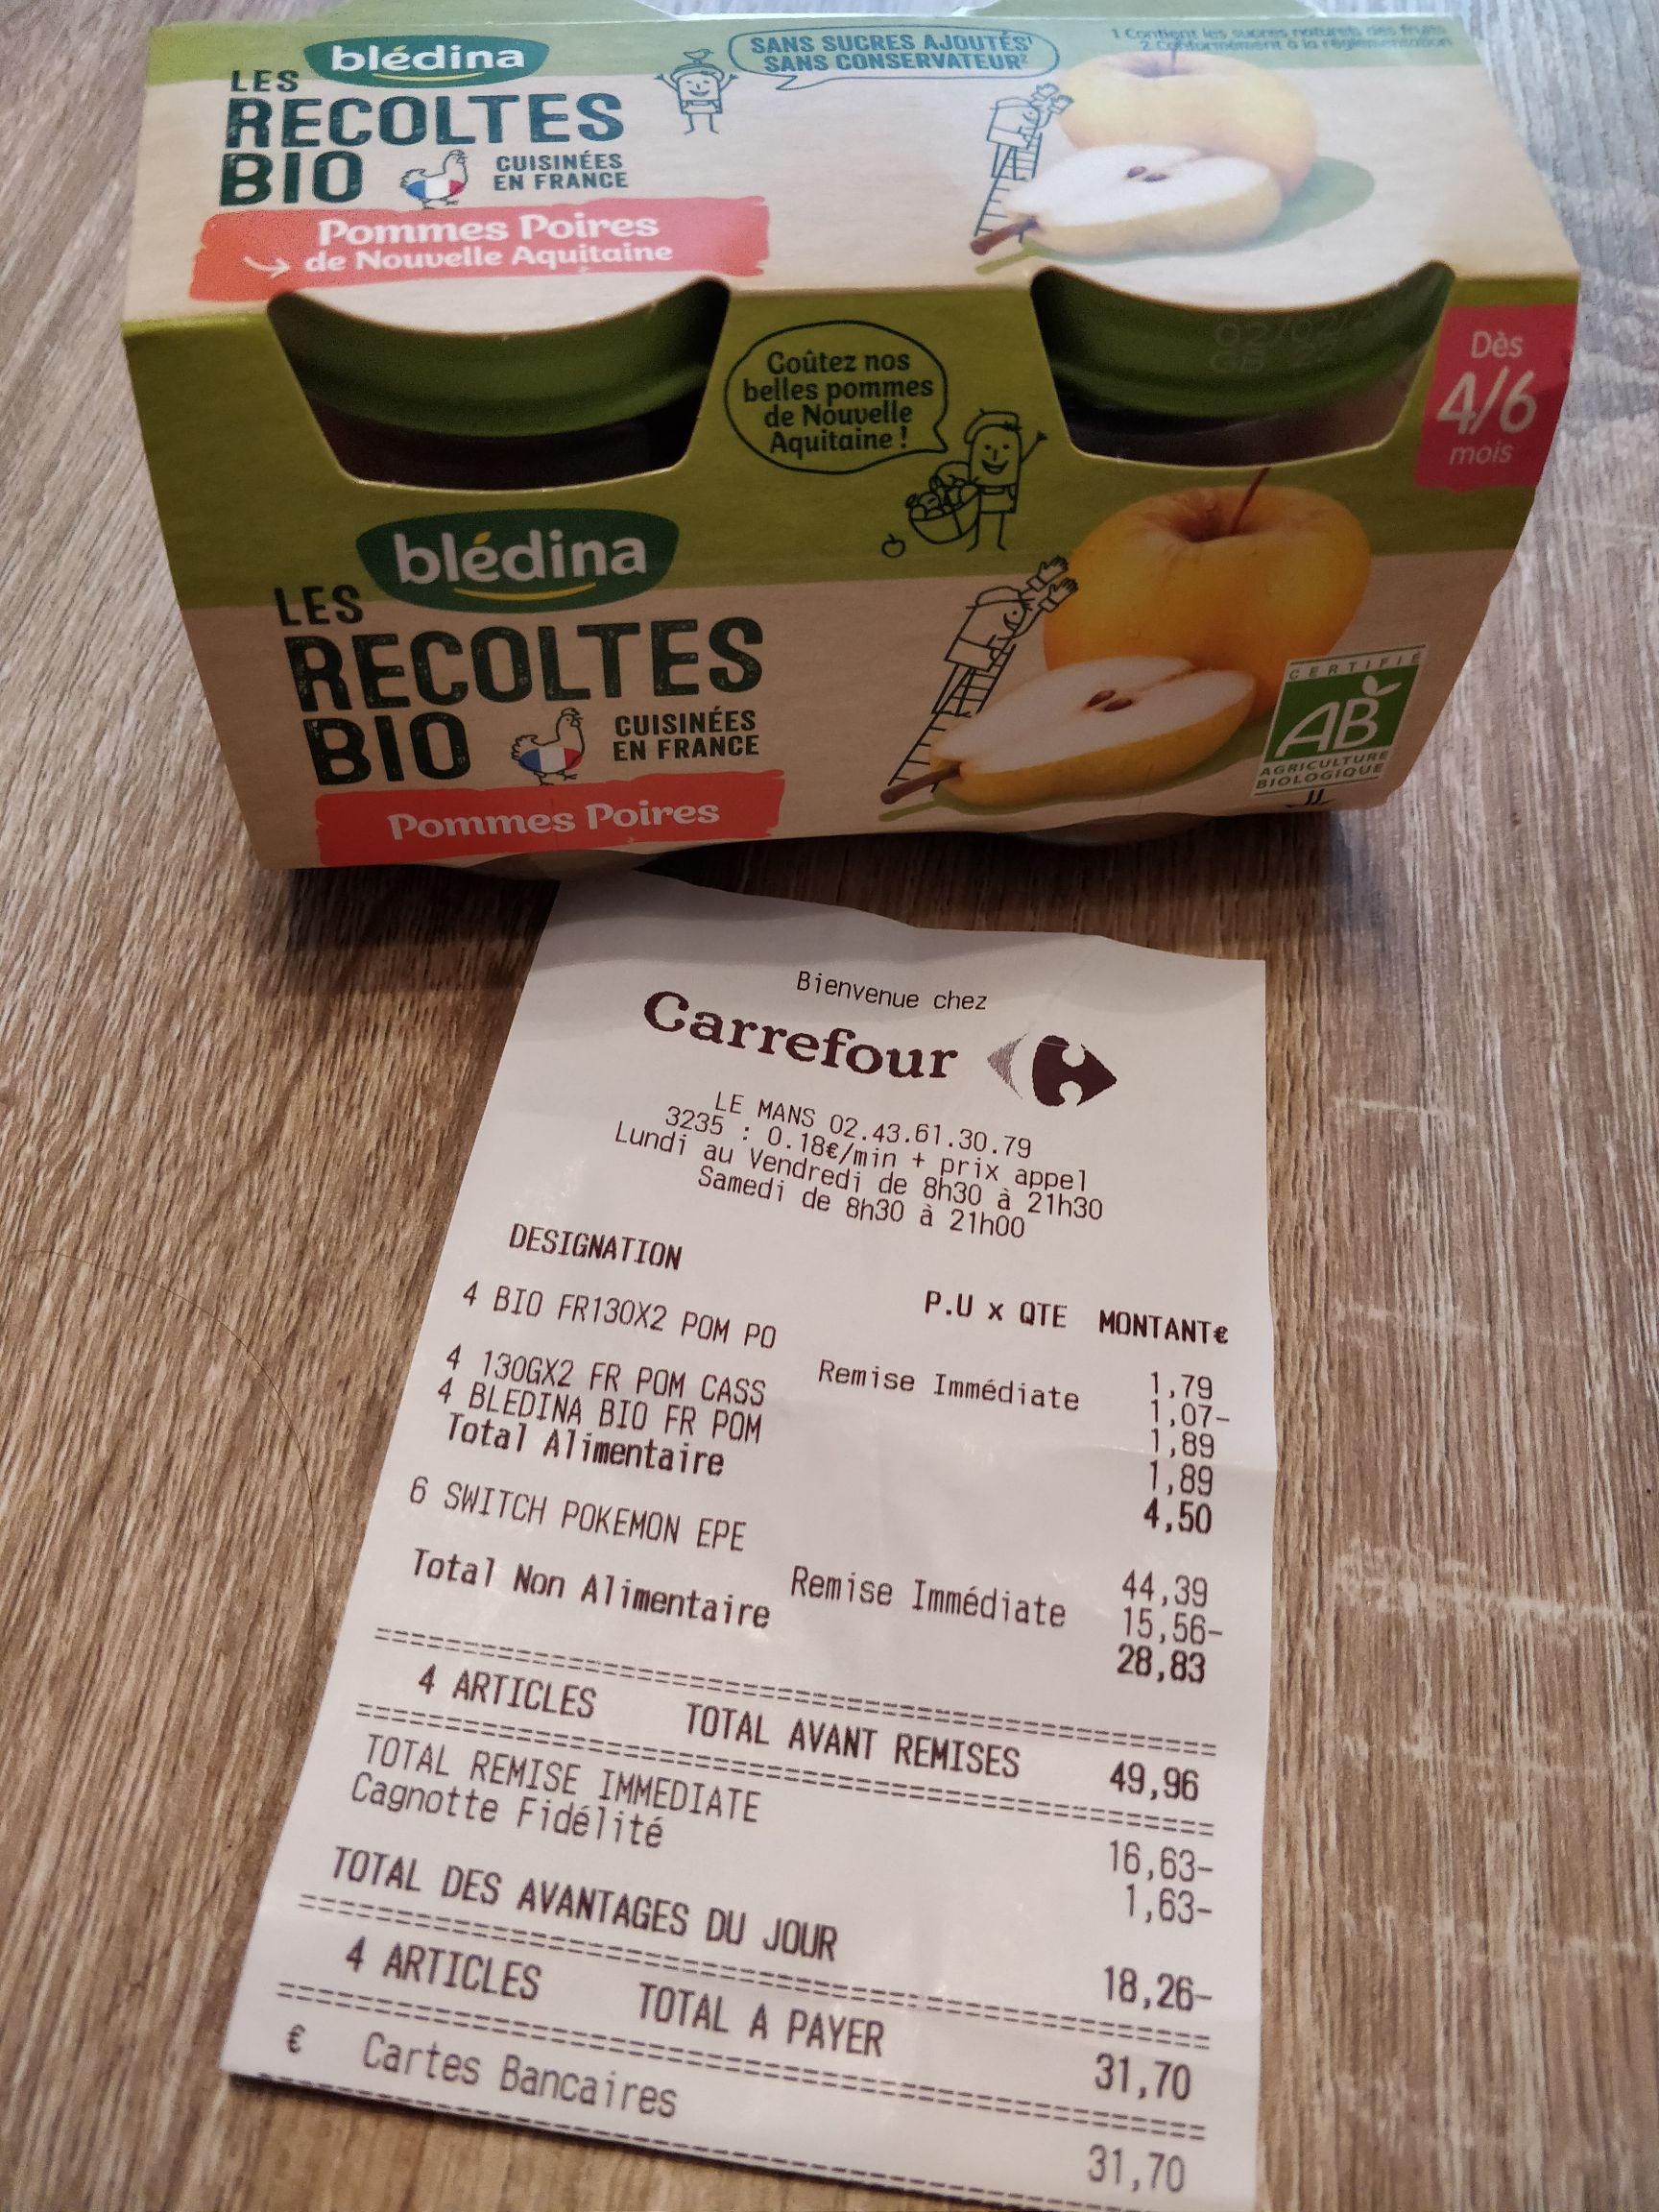 1 Compotes Blédina Les Récoltes Bio achéte = 60% de réduction sur la 2ème - Centre Sud du Mans (72)